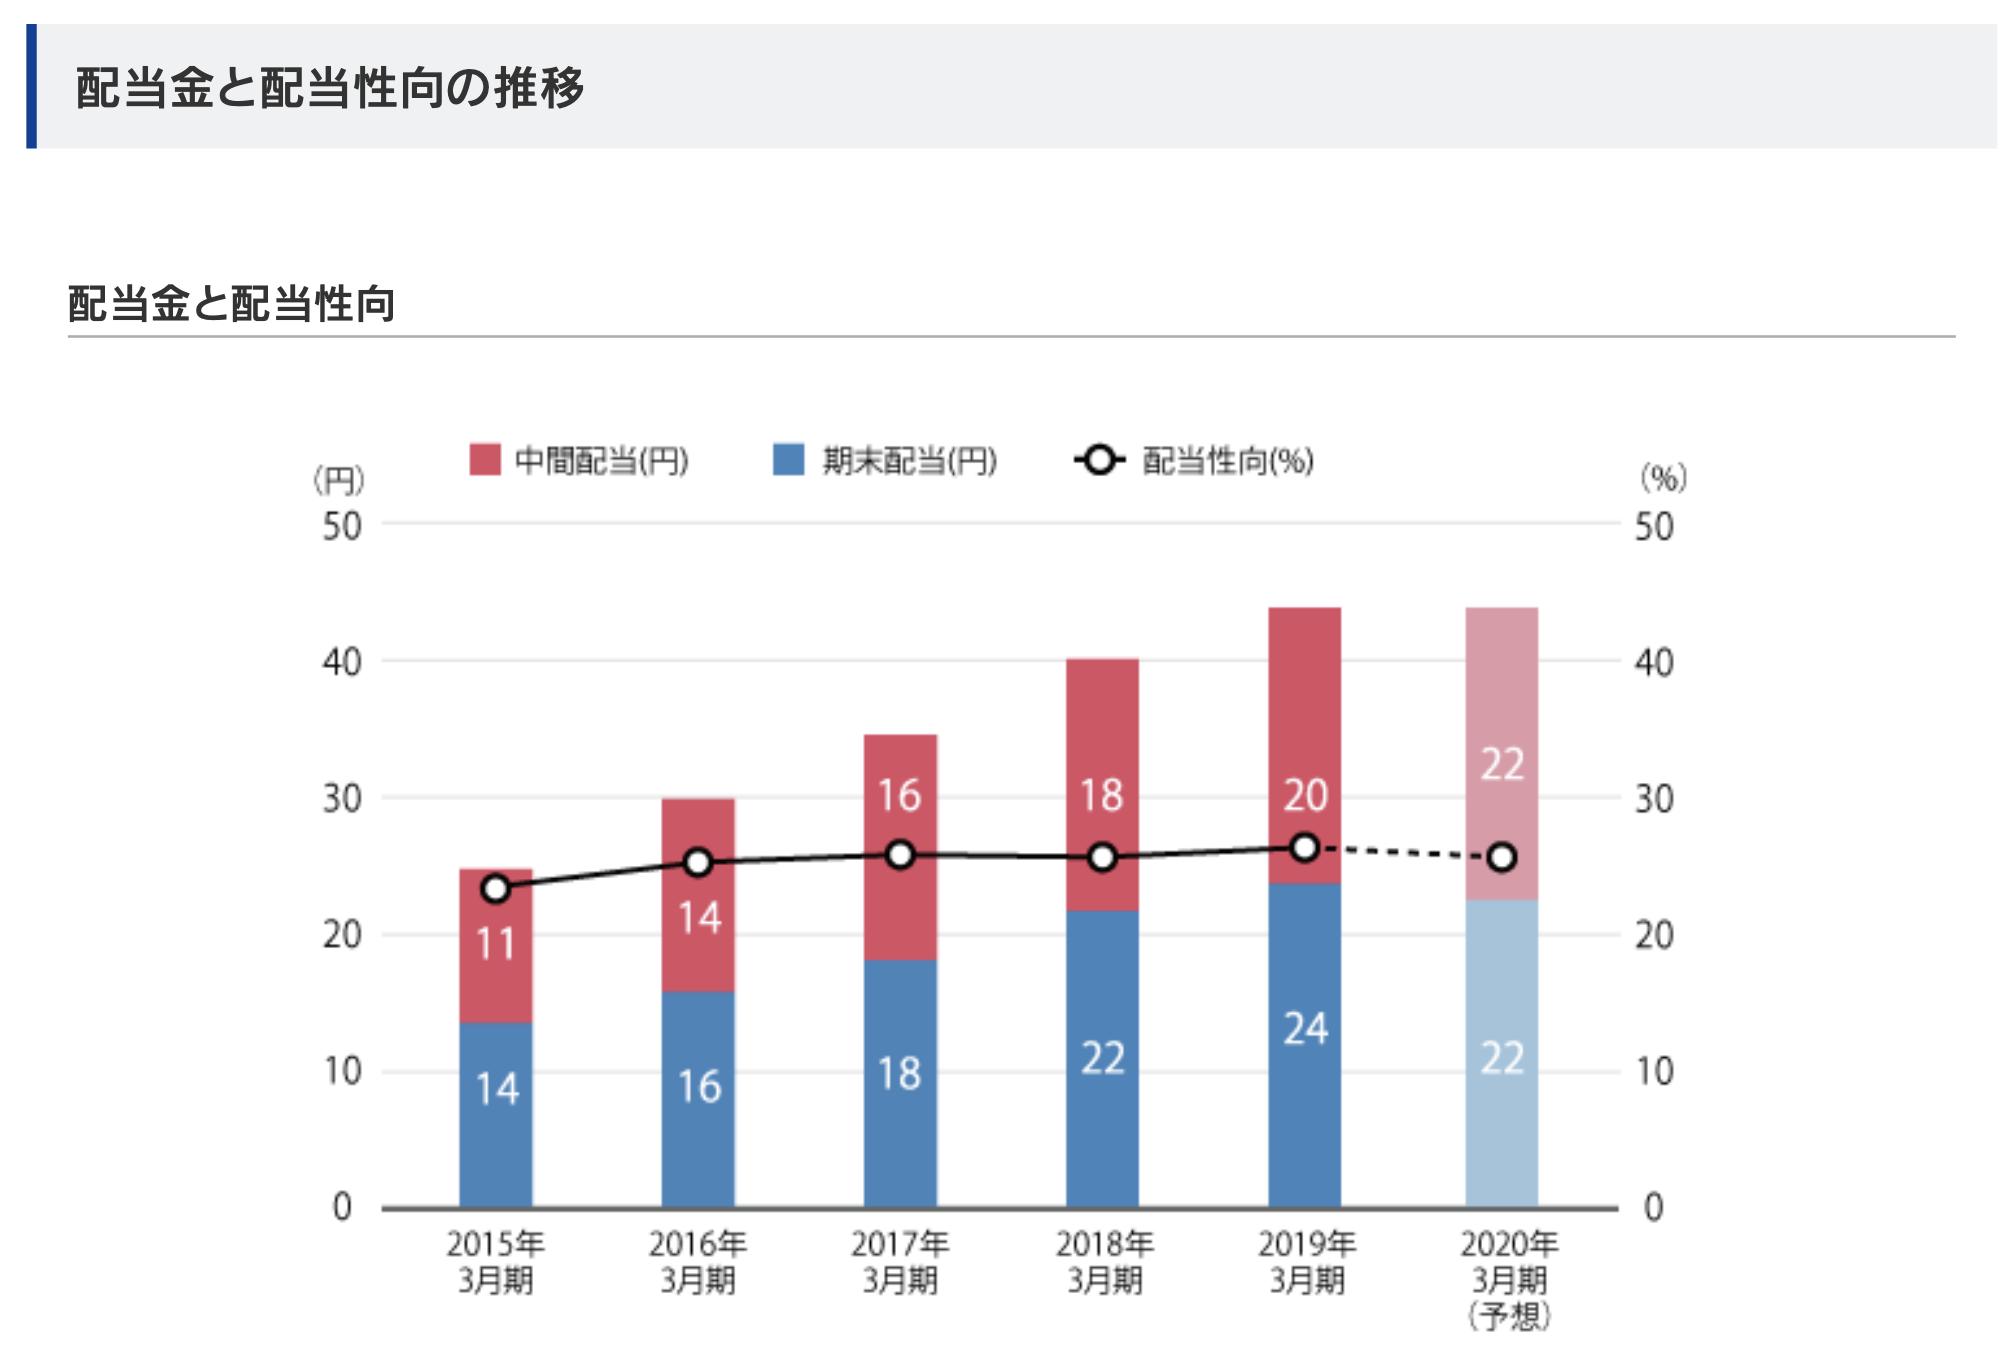 三井不動産 配当金と配当性向の推移